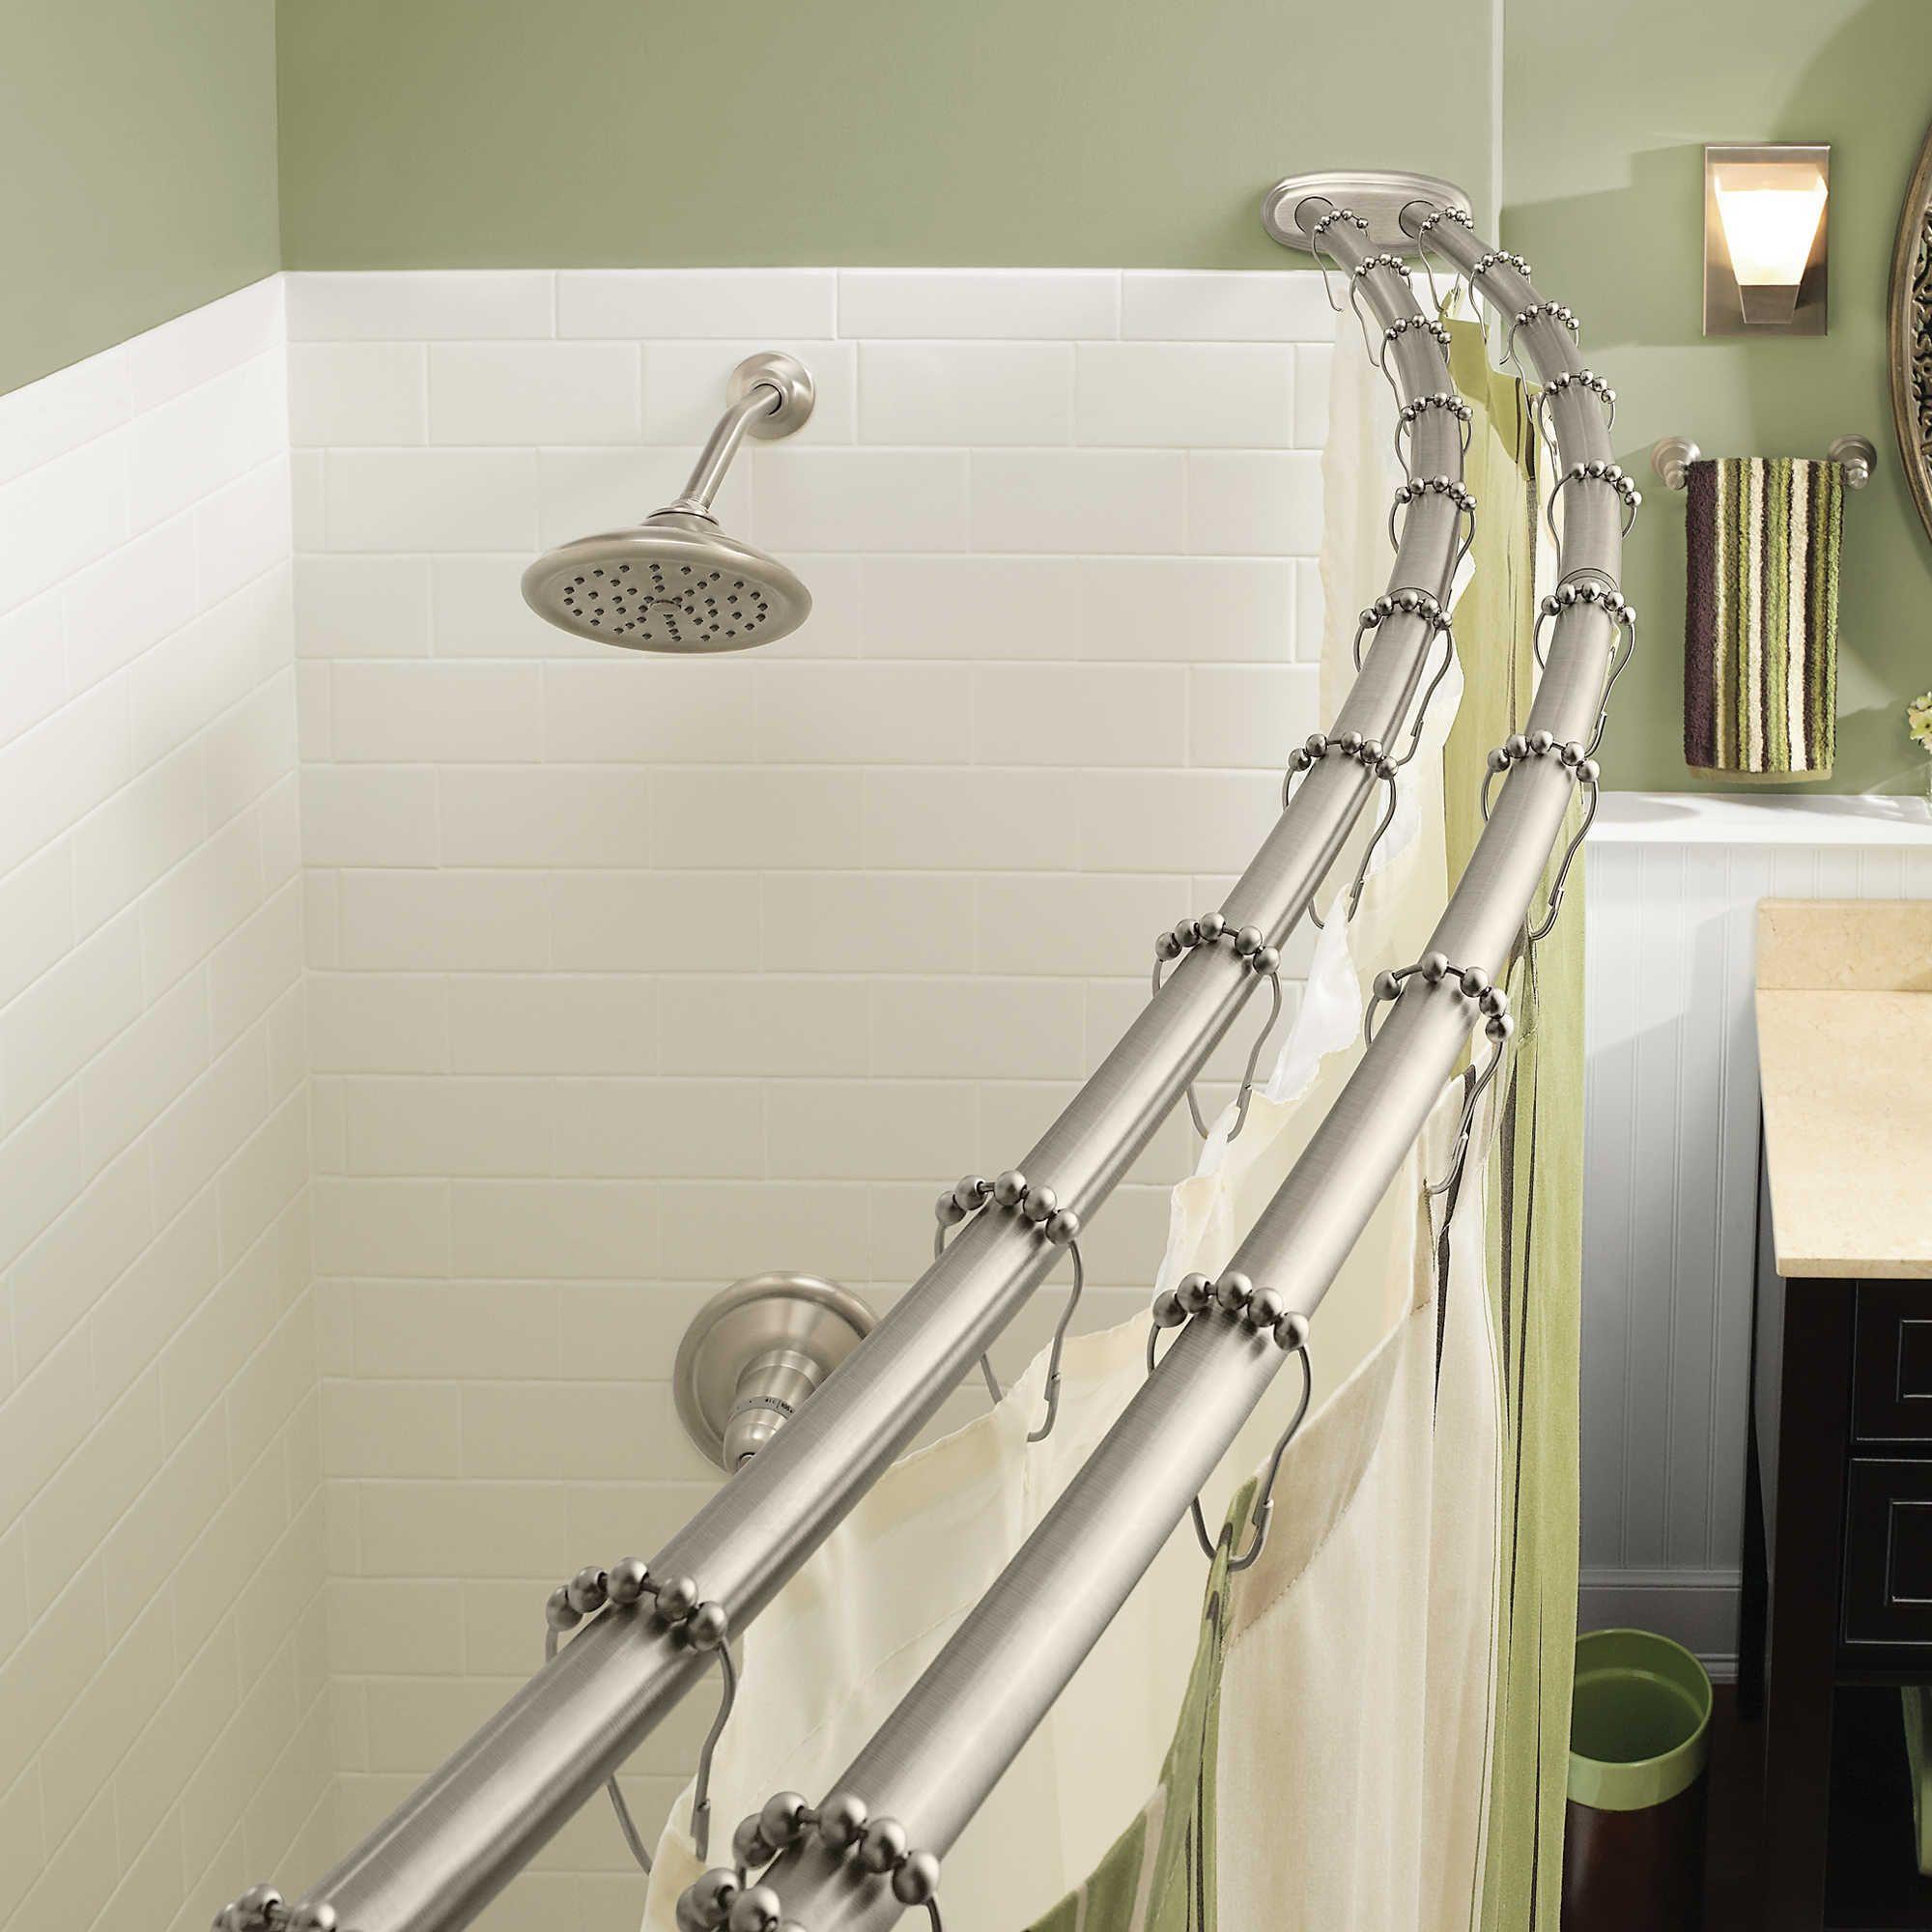 Moen® Adjustable Double Curved Brushed Nickel Shower Rod | Shower rod